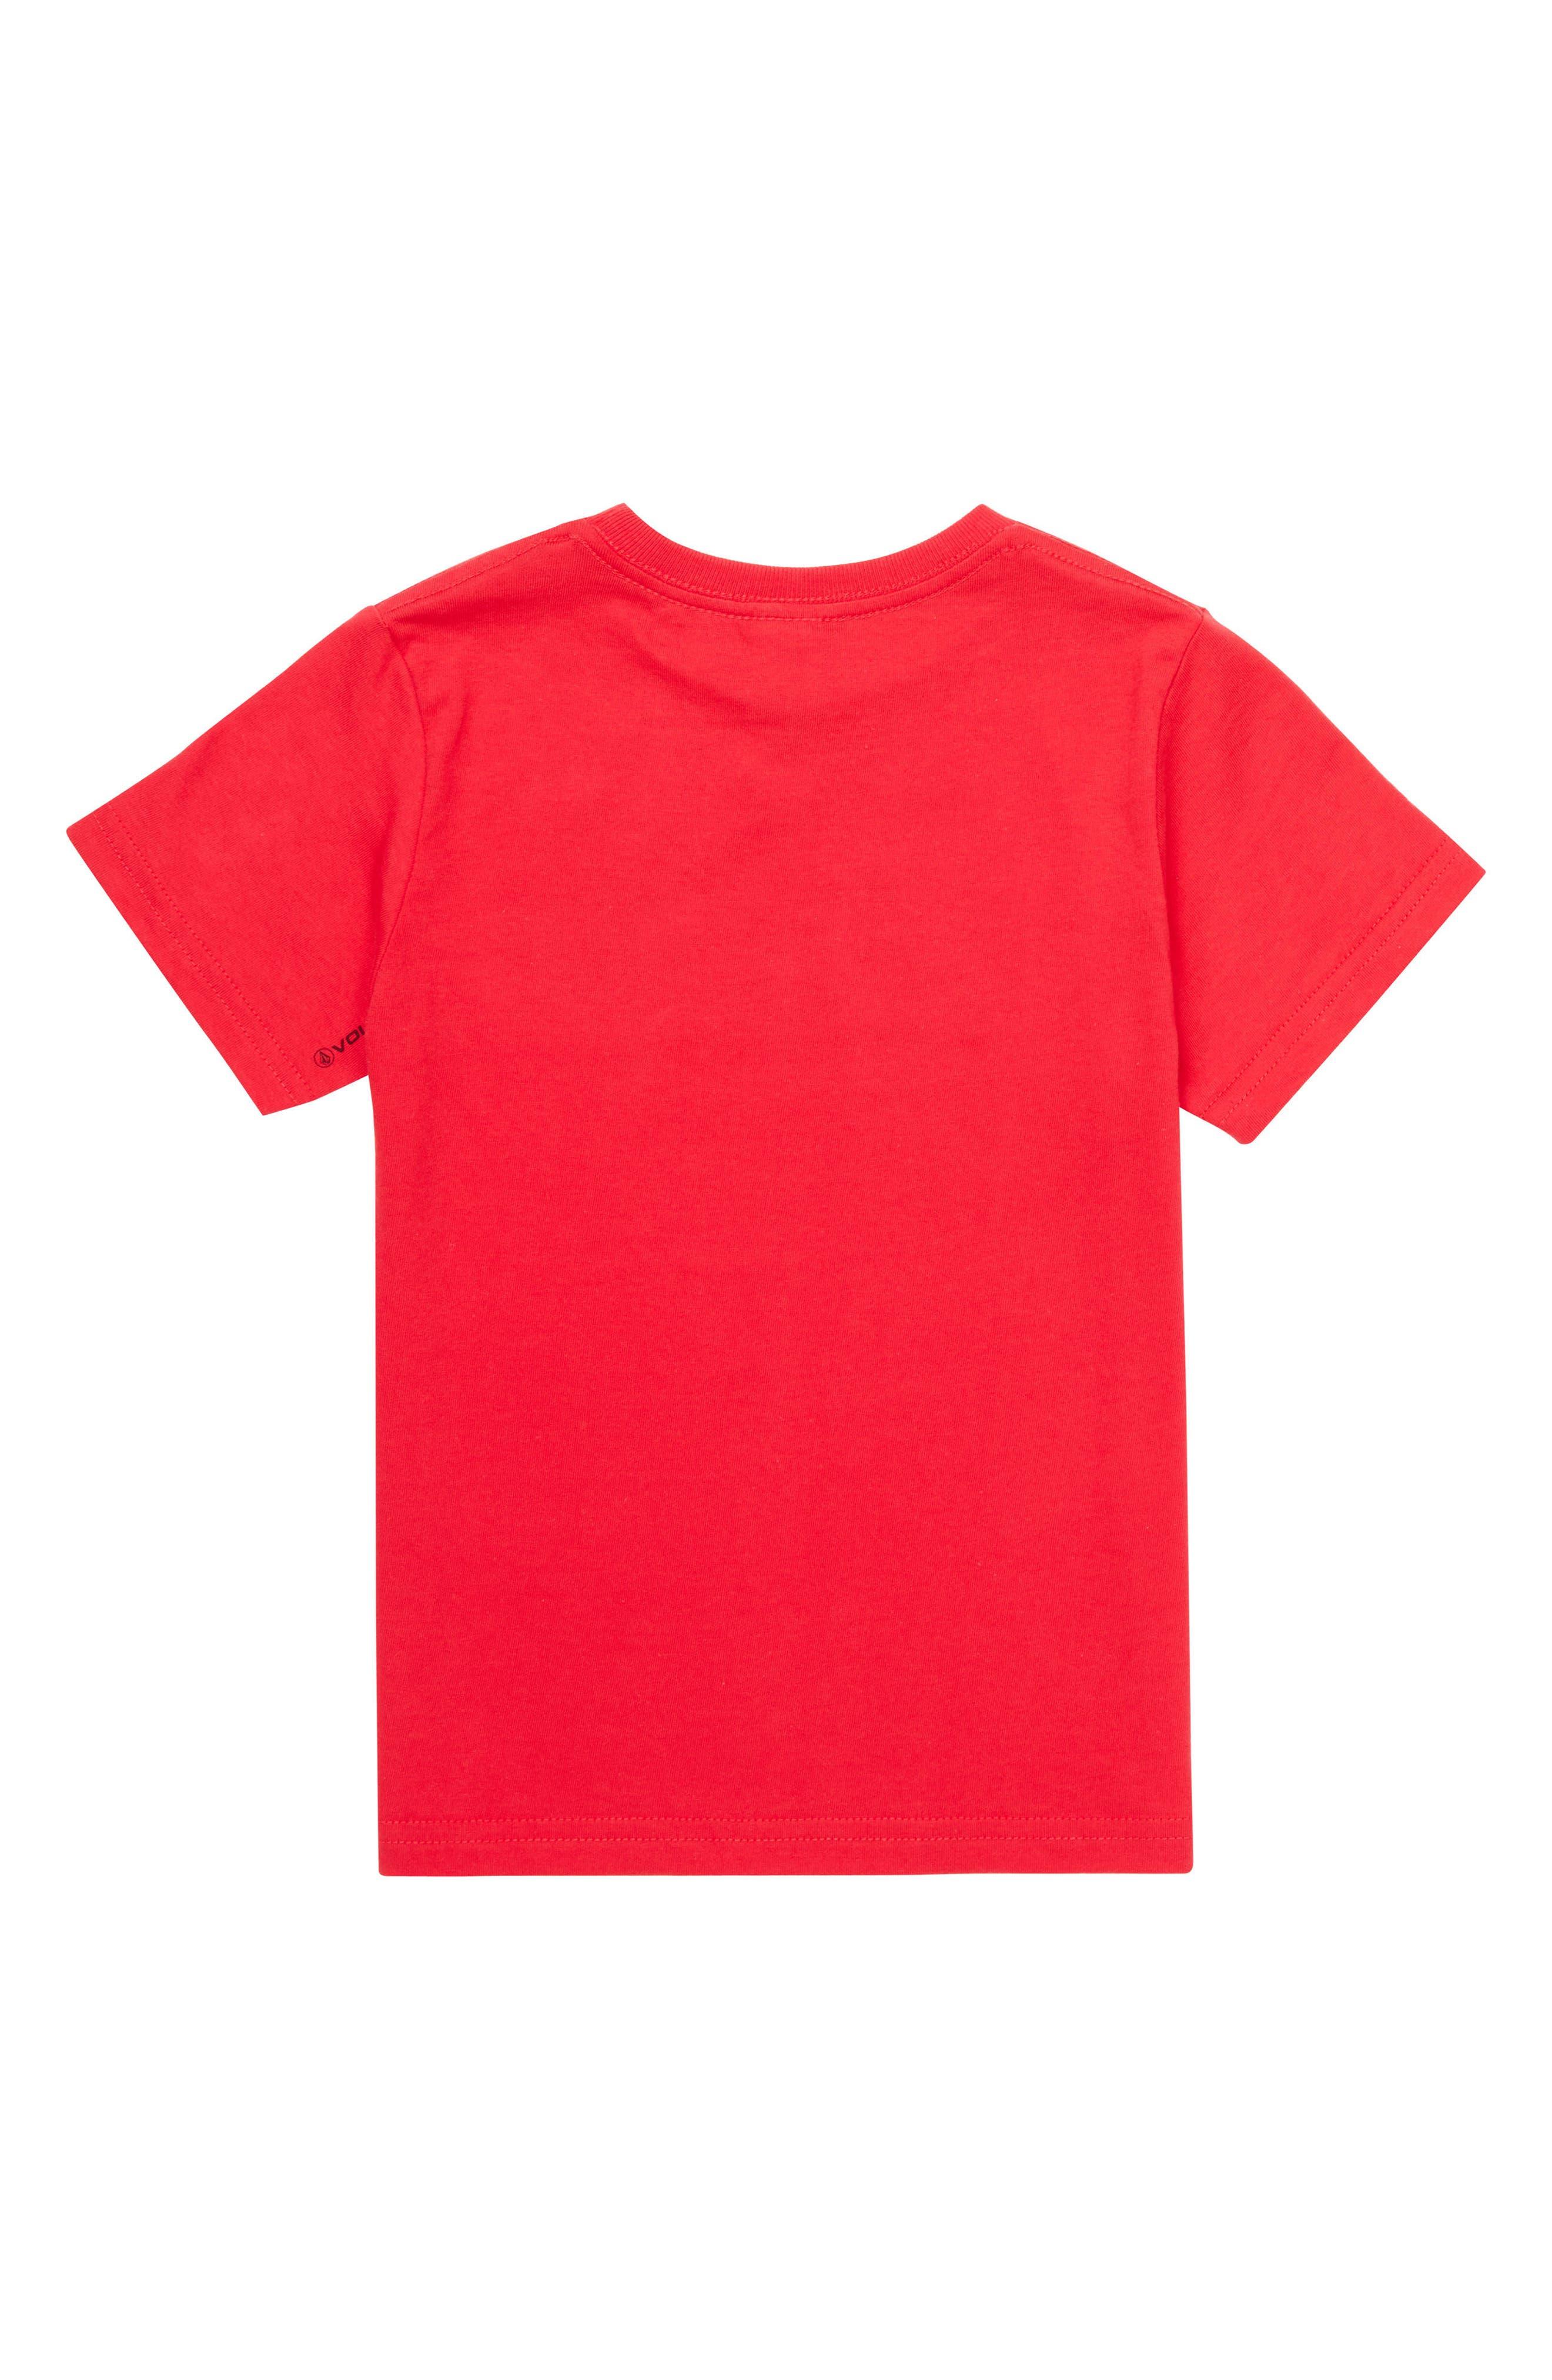 Furnish T-Shirt,                             Alternate thumbnail 2, color,                             600